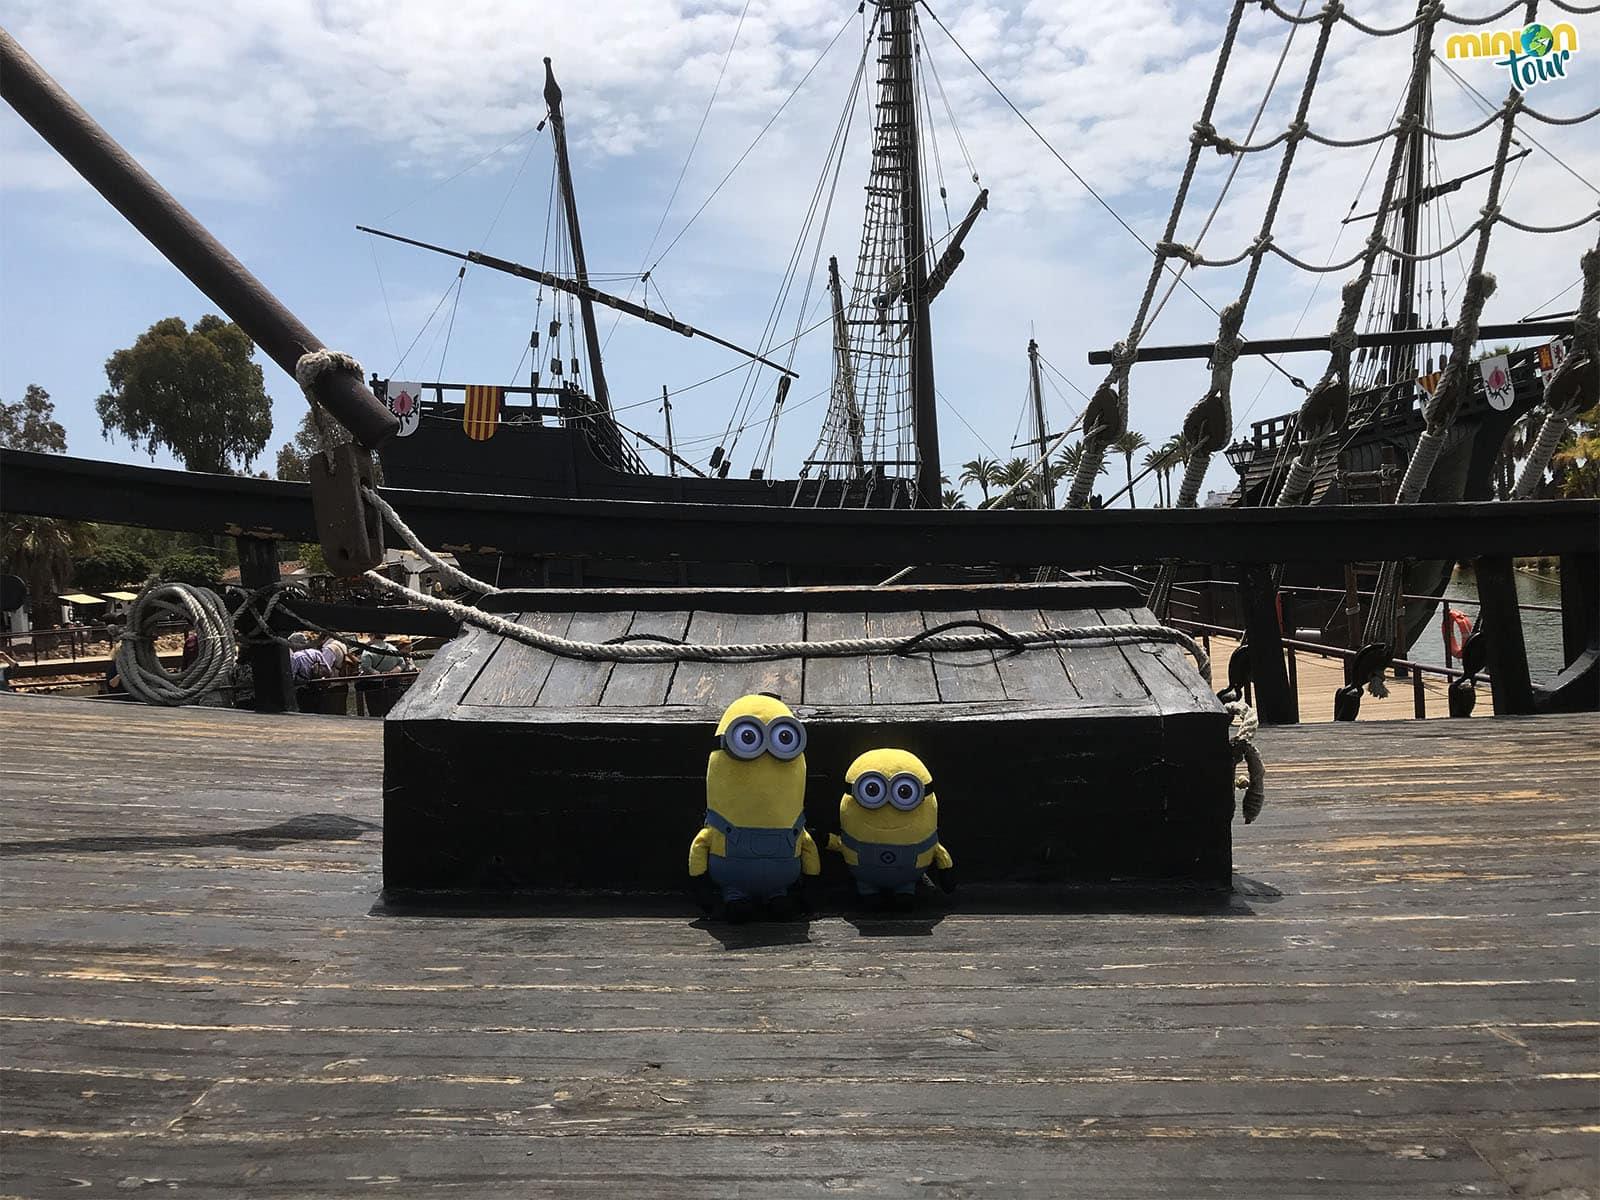 Nos vamos a descubrir América desde el Muelle de las Carabelas